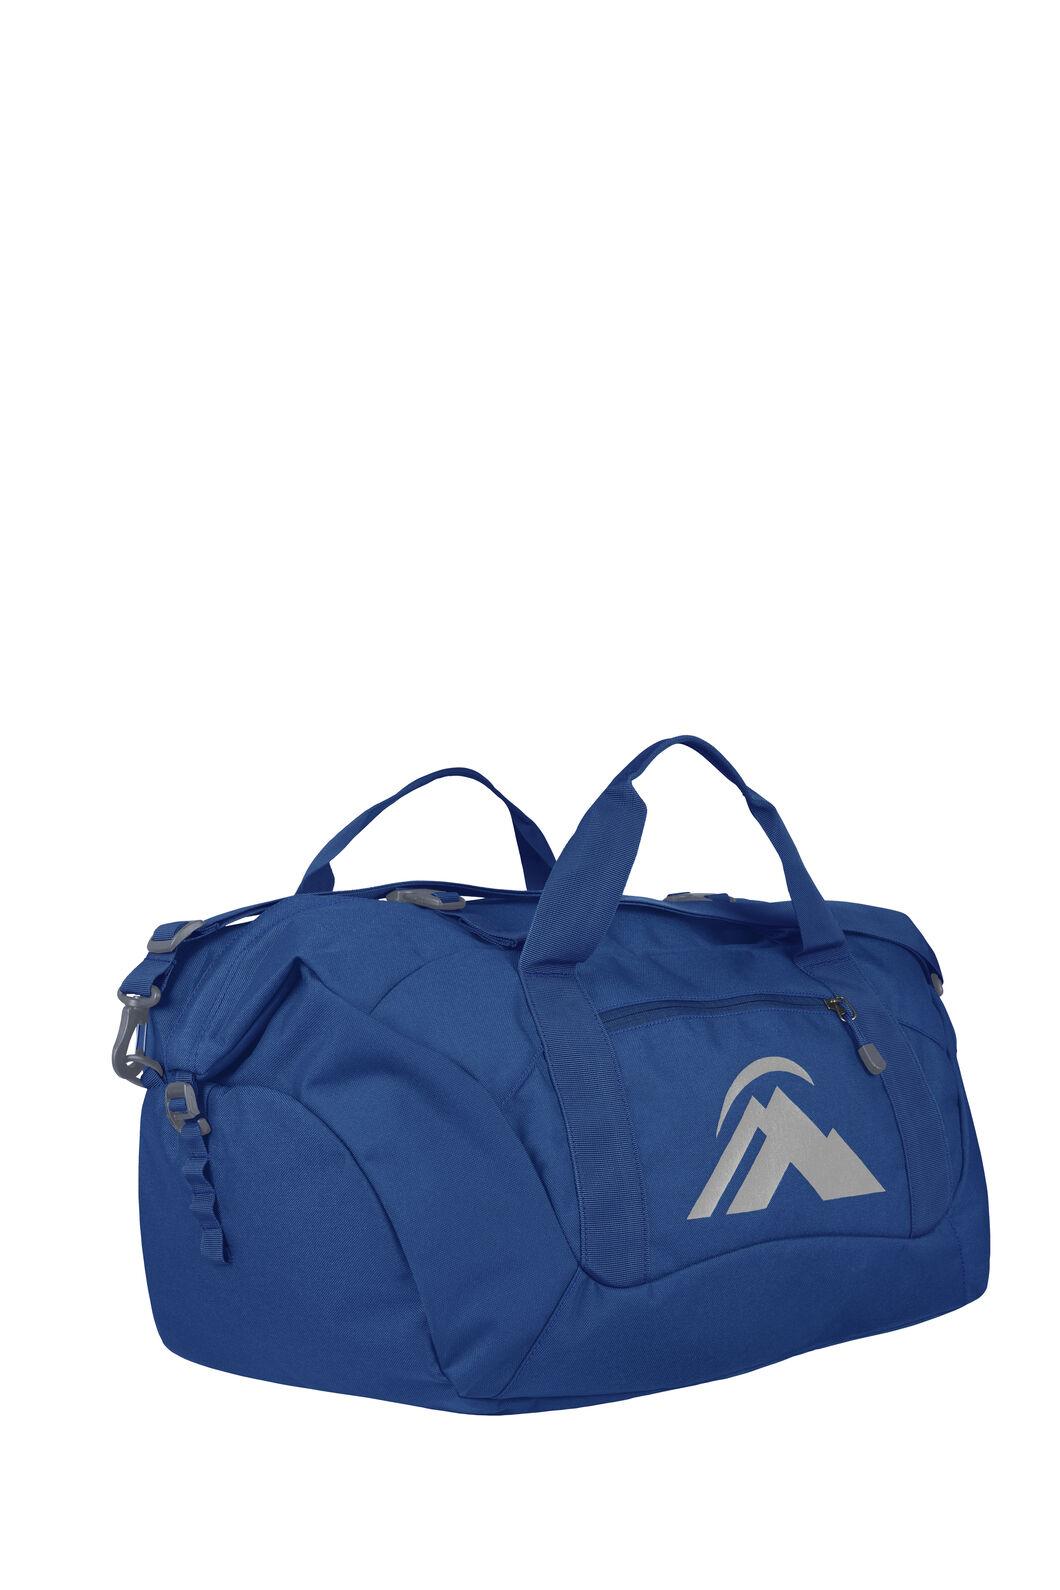 Macpac Duffel 50L 1.1, Victoria Blue, hi-res